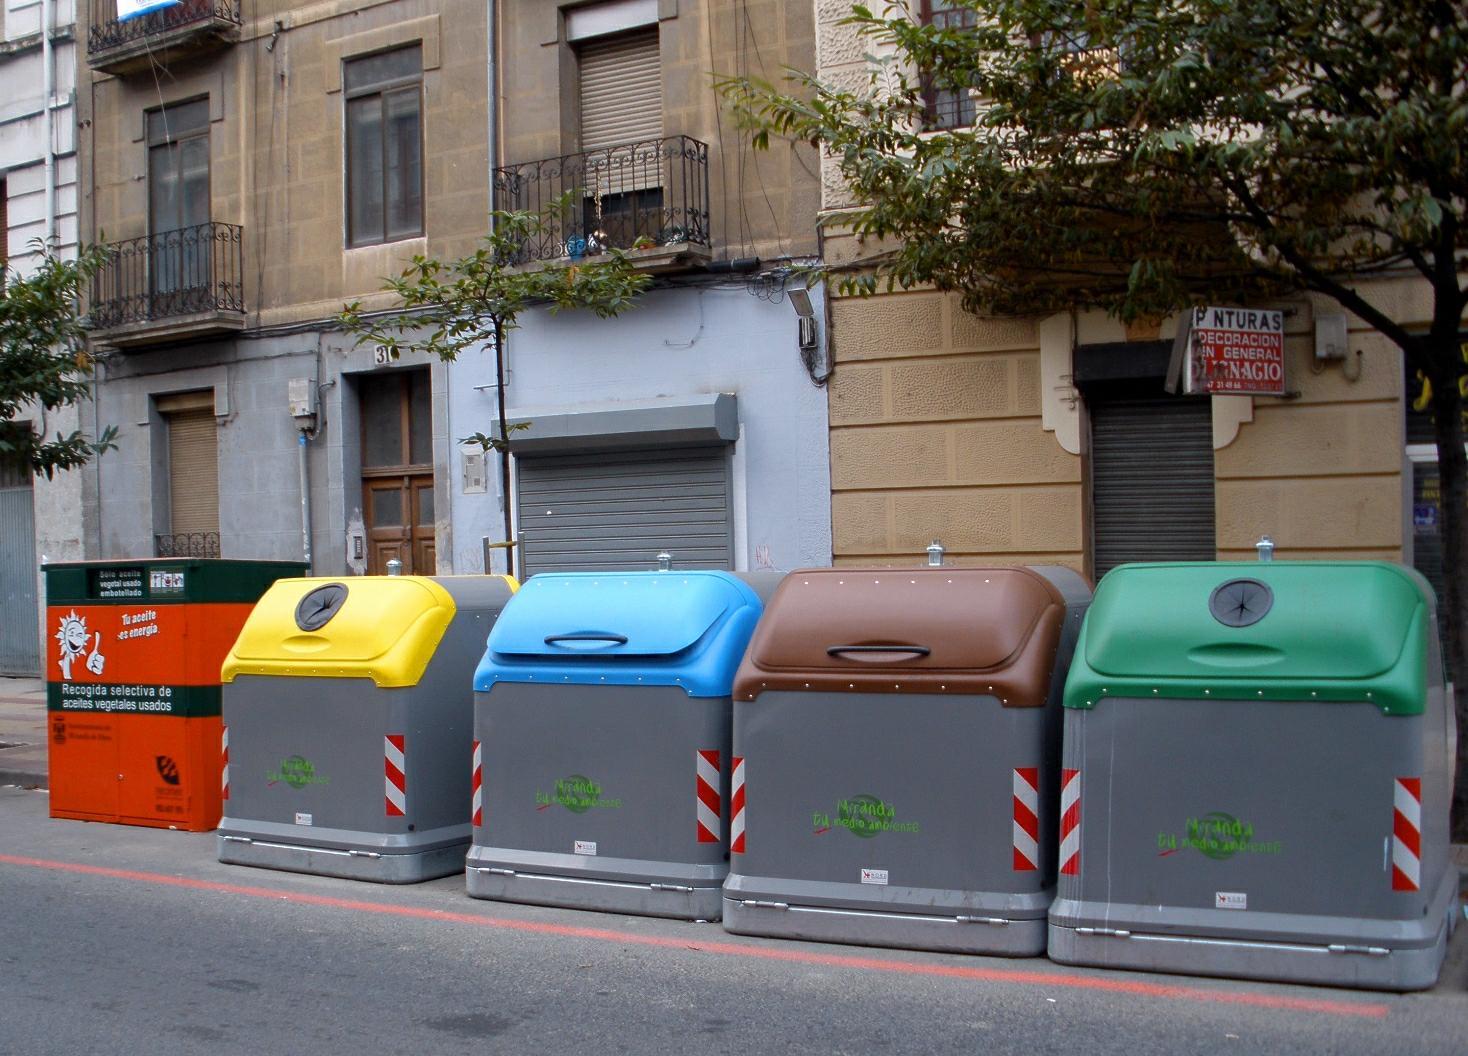 Cinco errores que comentemos al reciclar